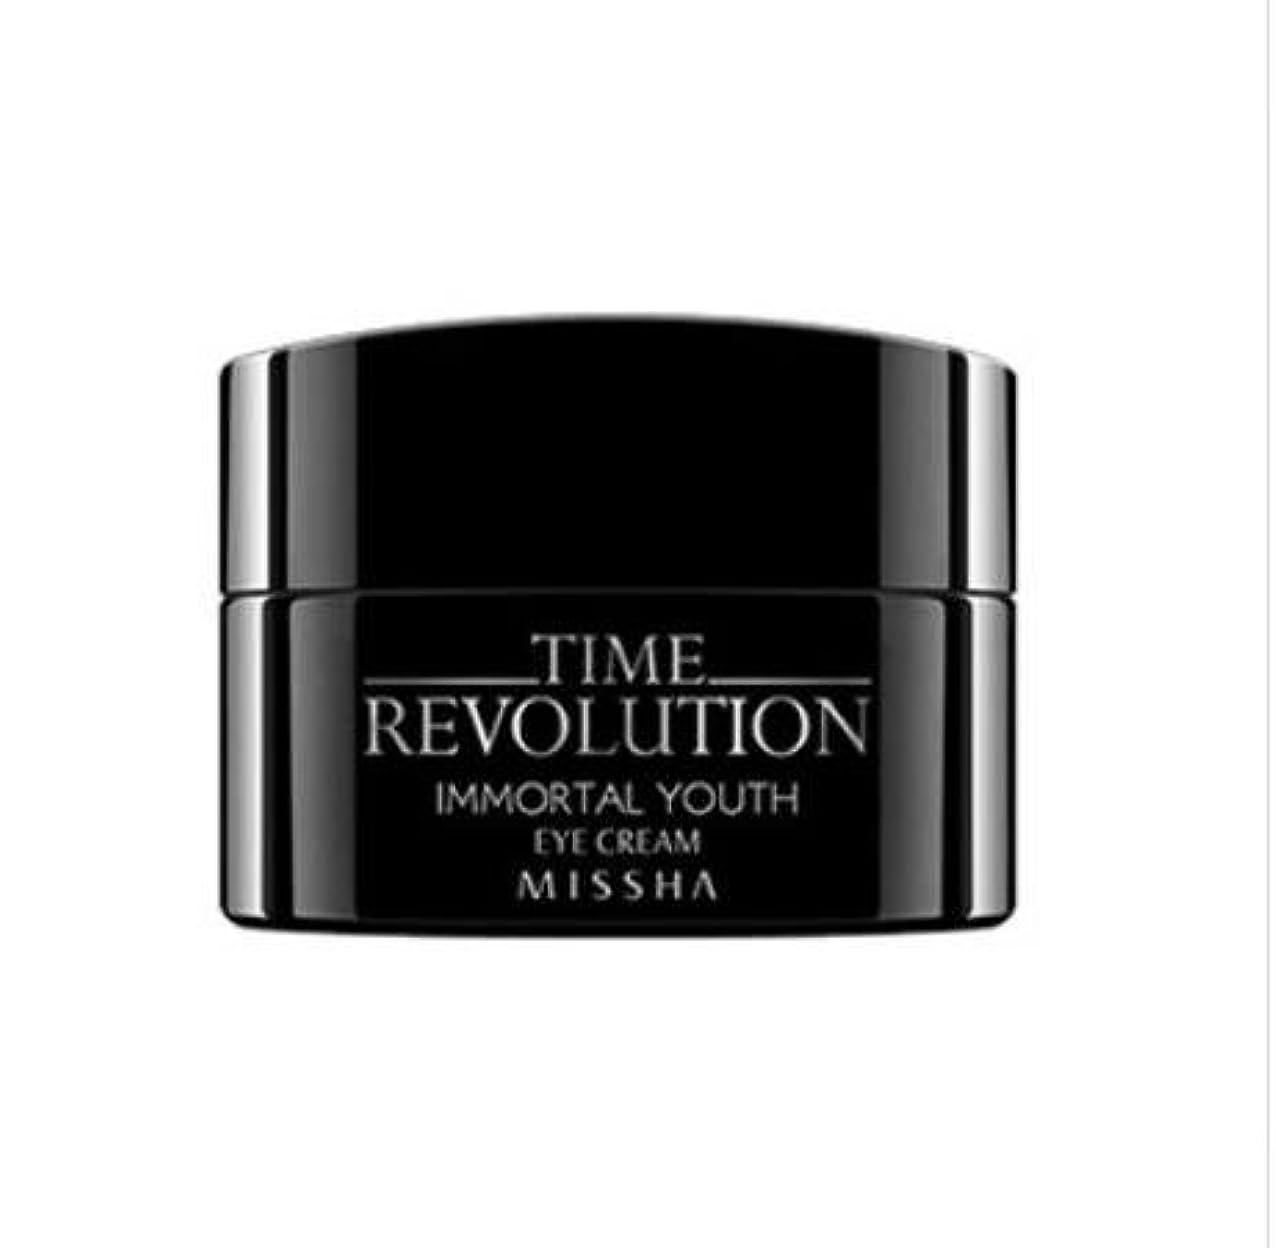 まばたき簡略化する評判[ミシャ] Missha [タイムレボリューション イモタルユース アイクリーム](MISSHA Time Revolution Immortal Youth Eye Cream) [並行輸入品]